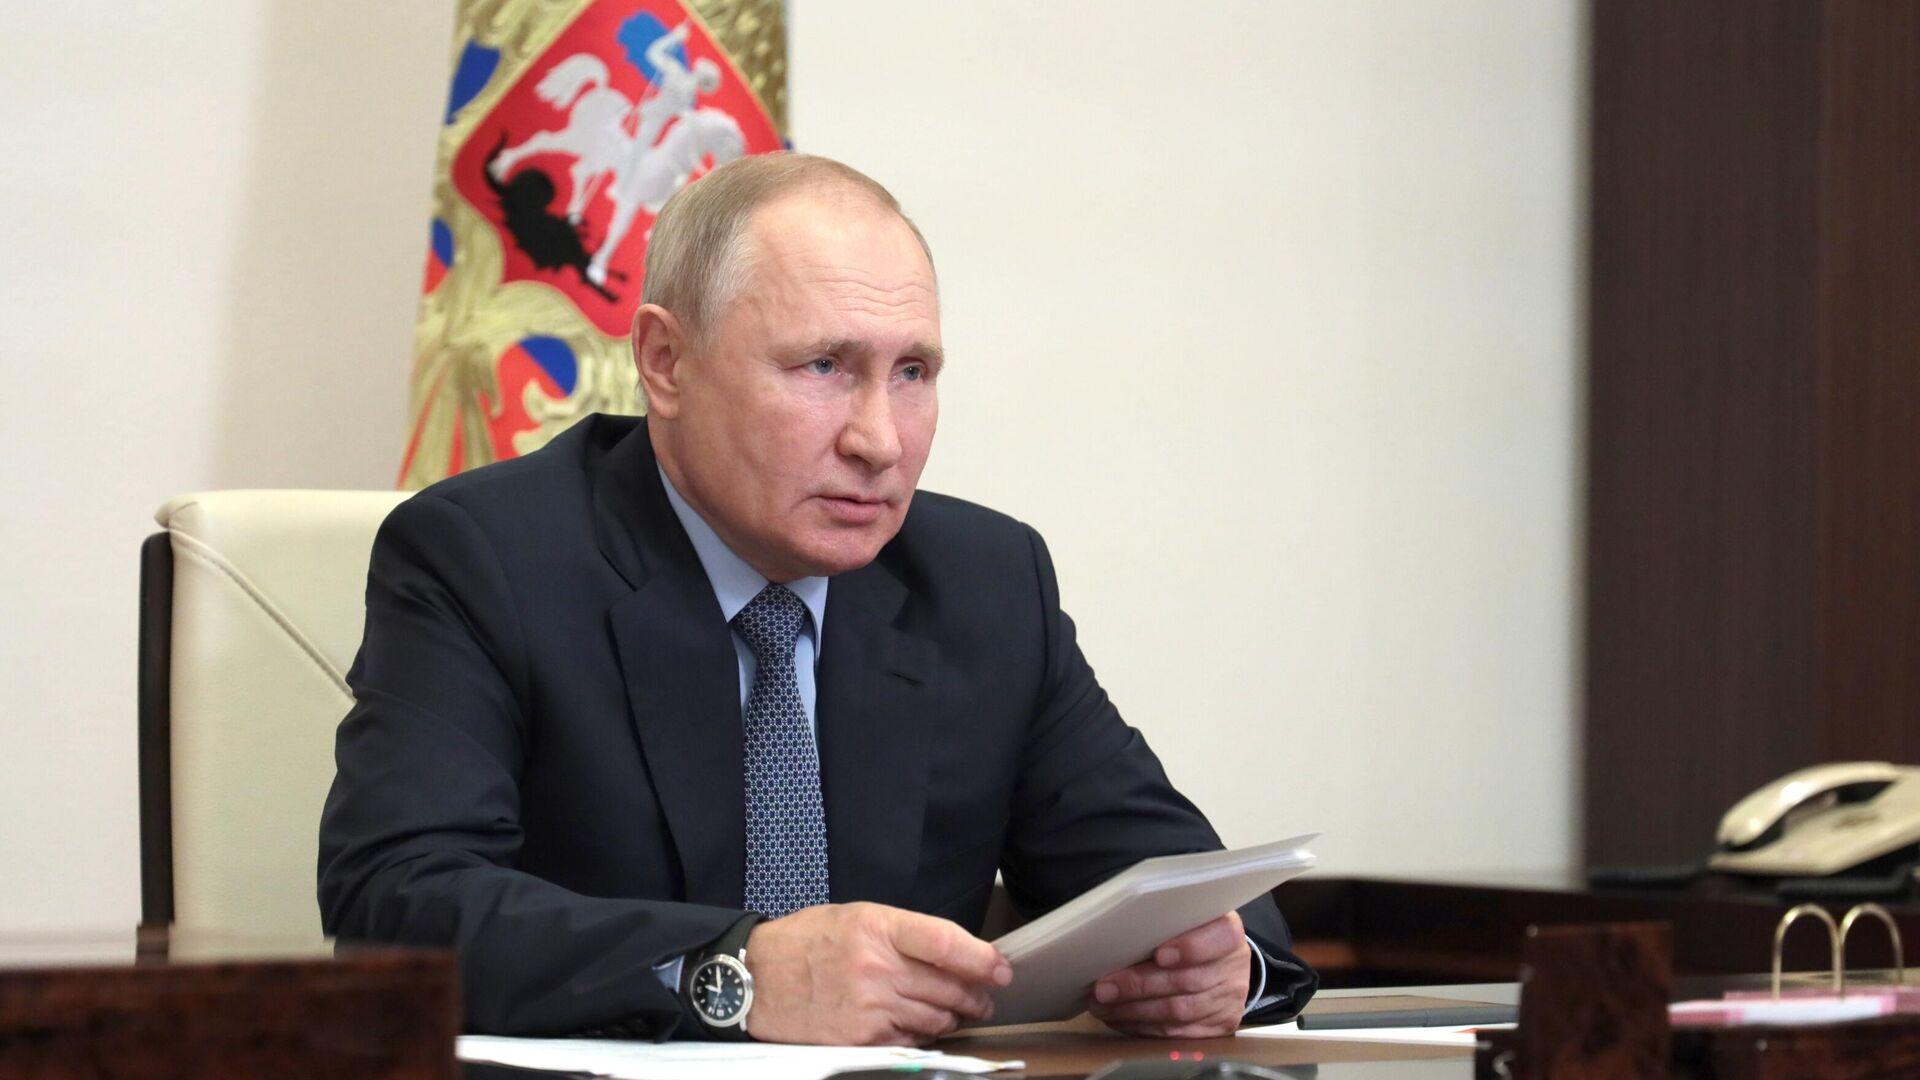 Президент РФ Владимир Путин в режиме видеоконференции проводит заседание президиума Государственного Совета - РИА Новости, 1920, 25.08.2021